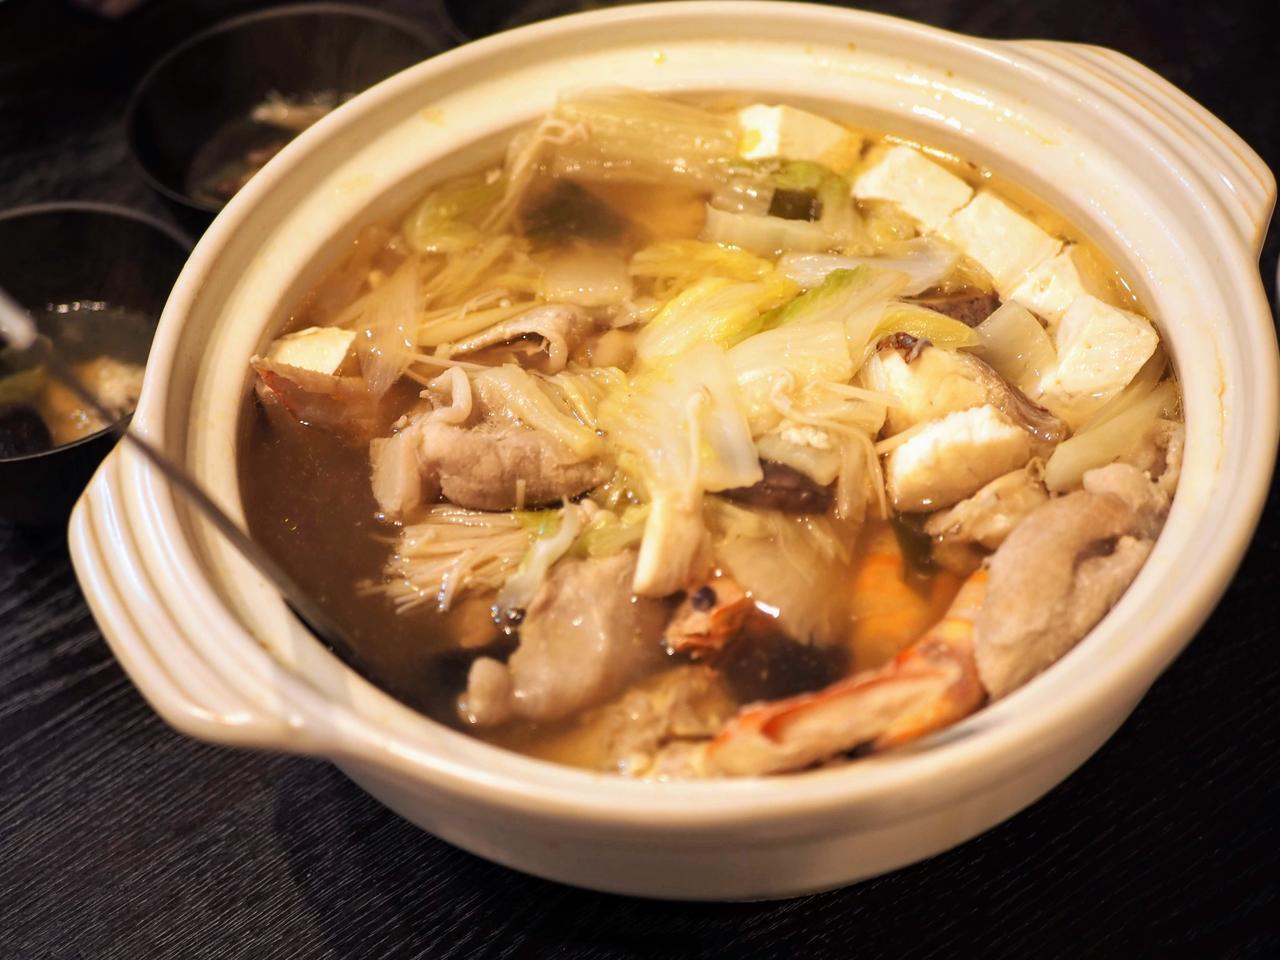 画像: 冬キャンプは鍋がおすすめ おすすめの鍋&カレー鍋・おでんなどのレシピ4選 - ハピキャン(HAPPY CAMPER)